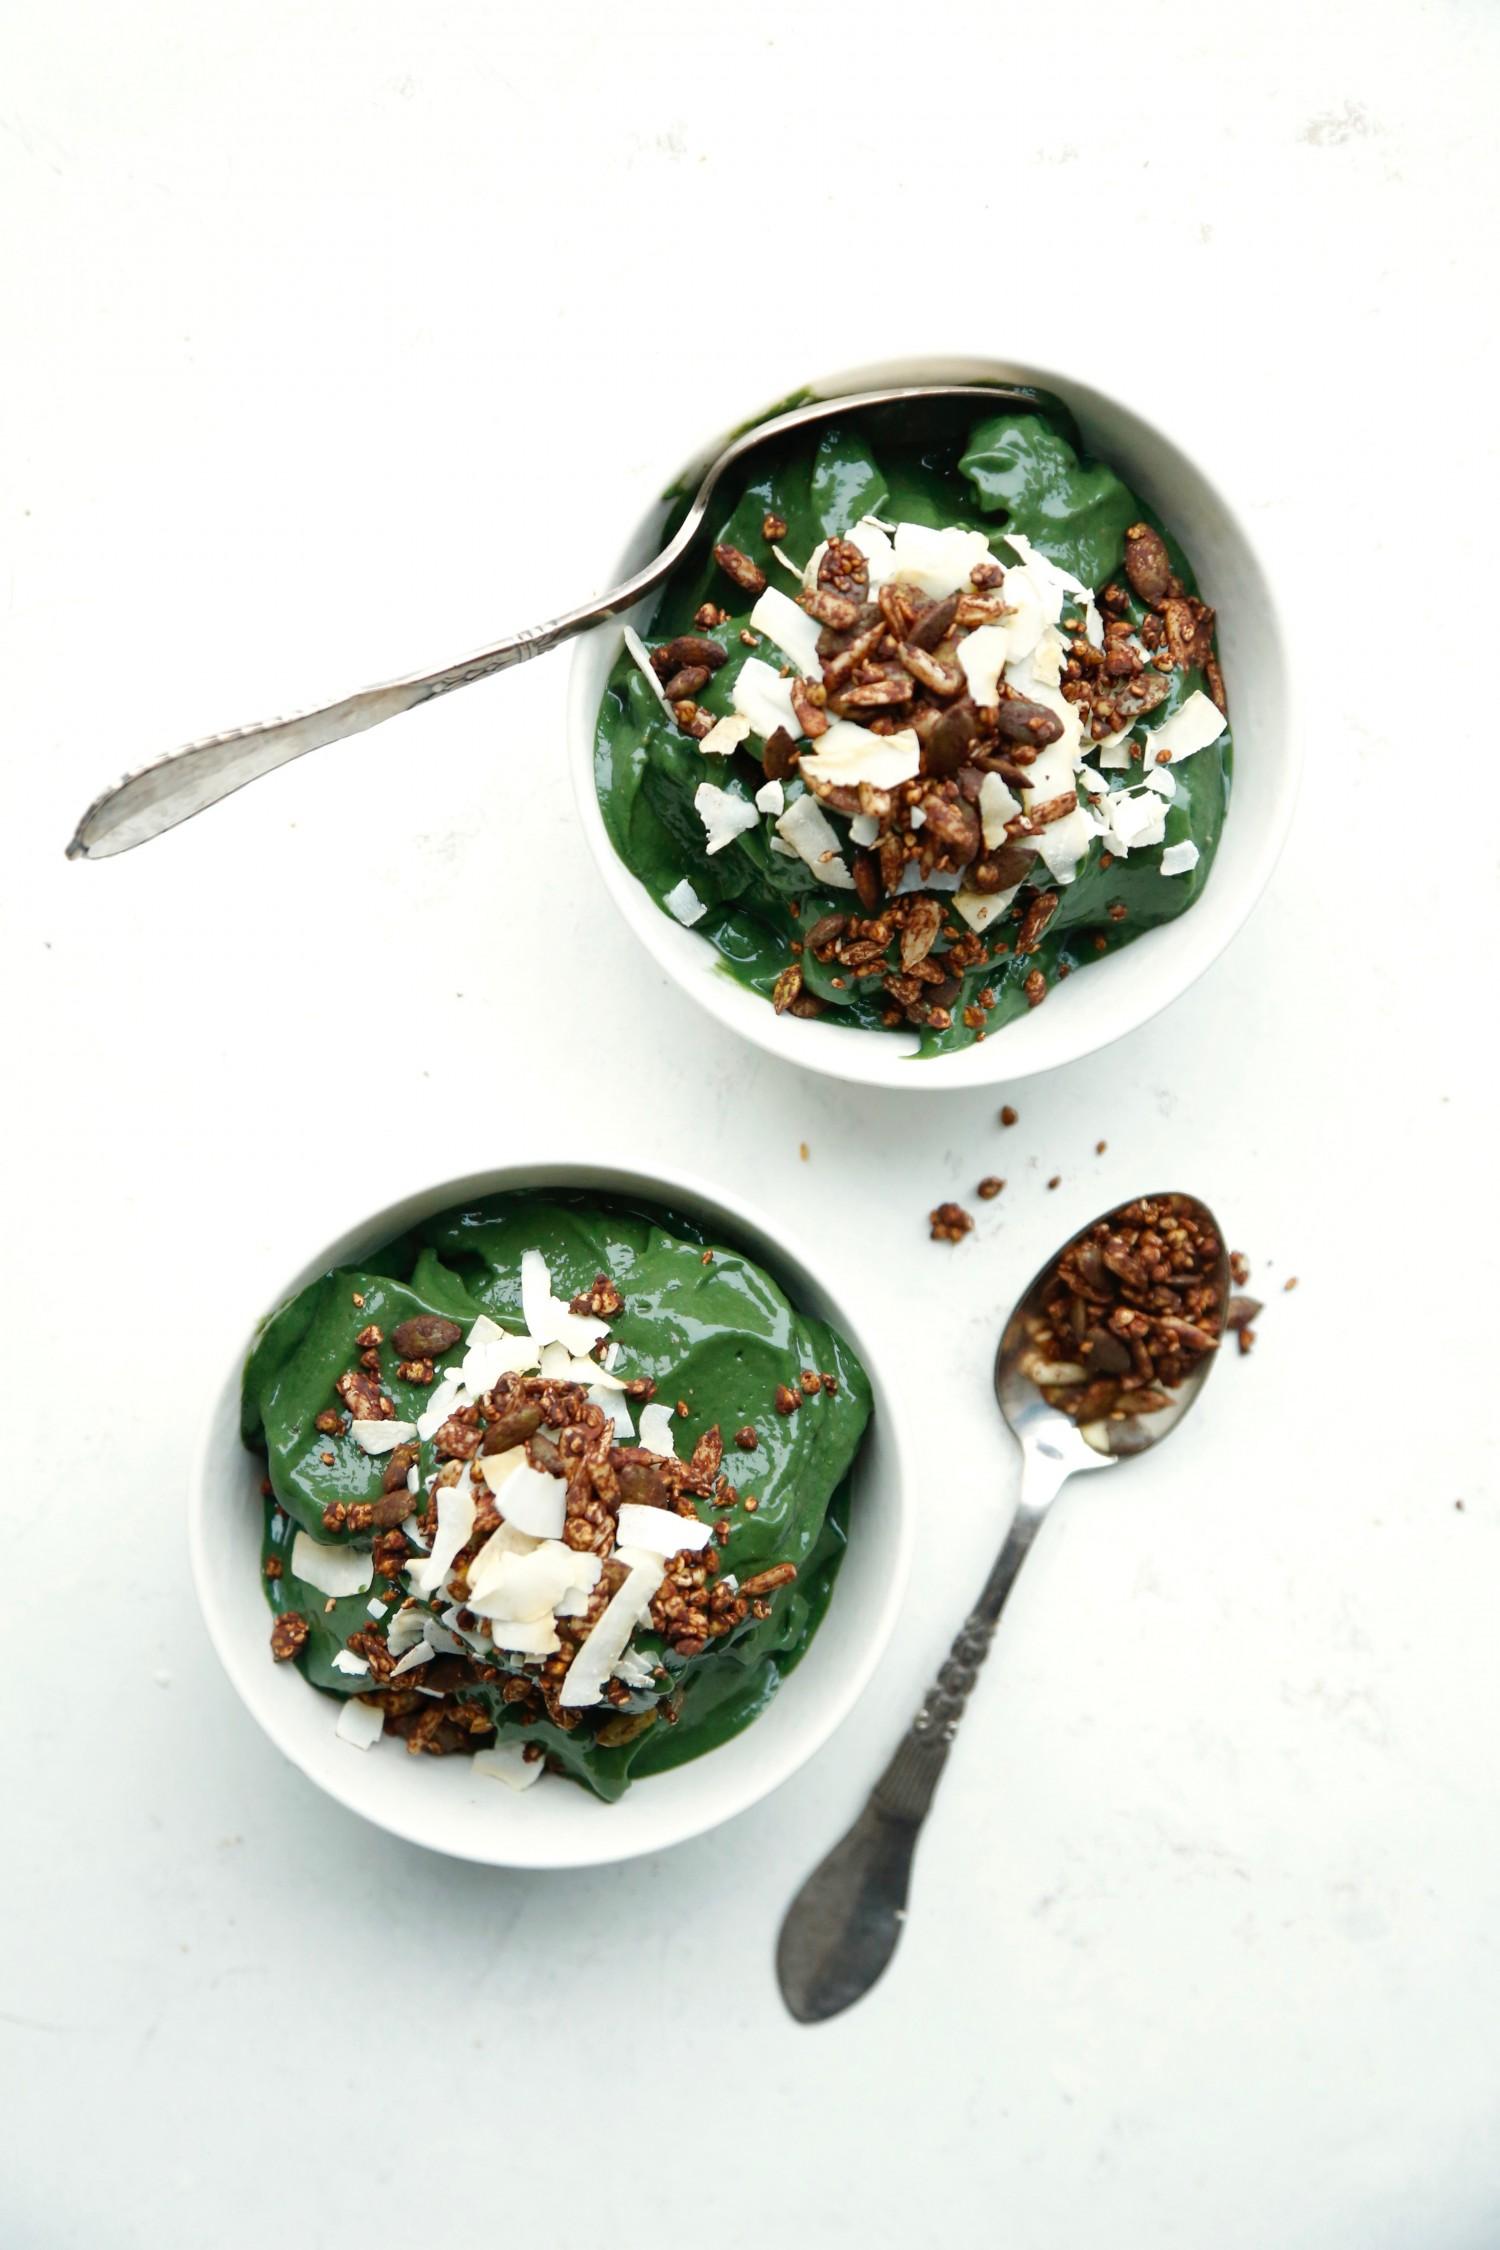 opskrift-groen-smoothie-bowl-med-spirulina-1